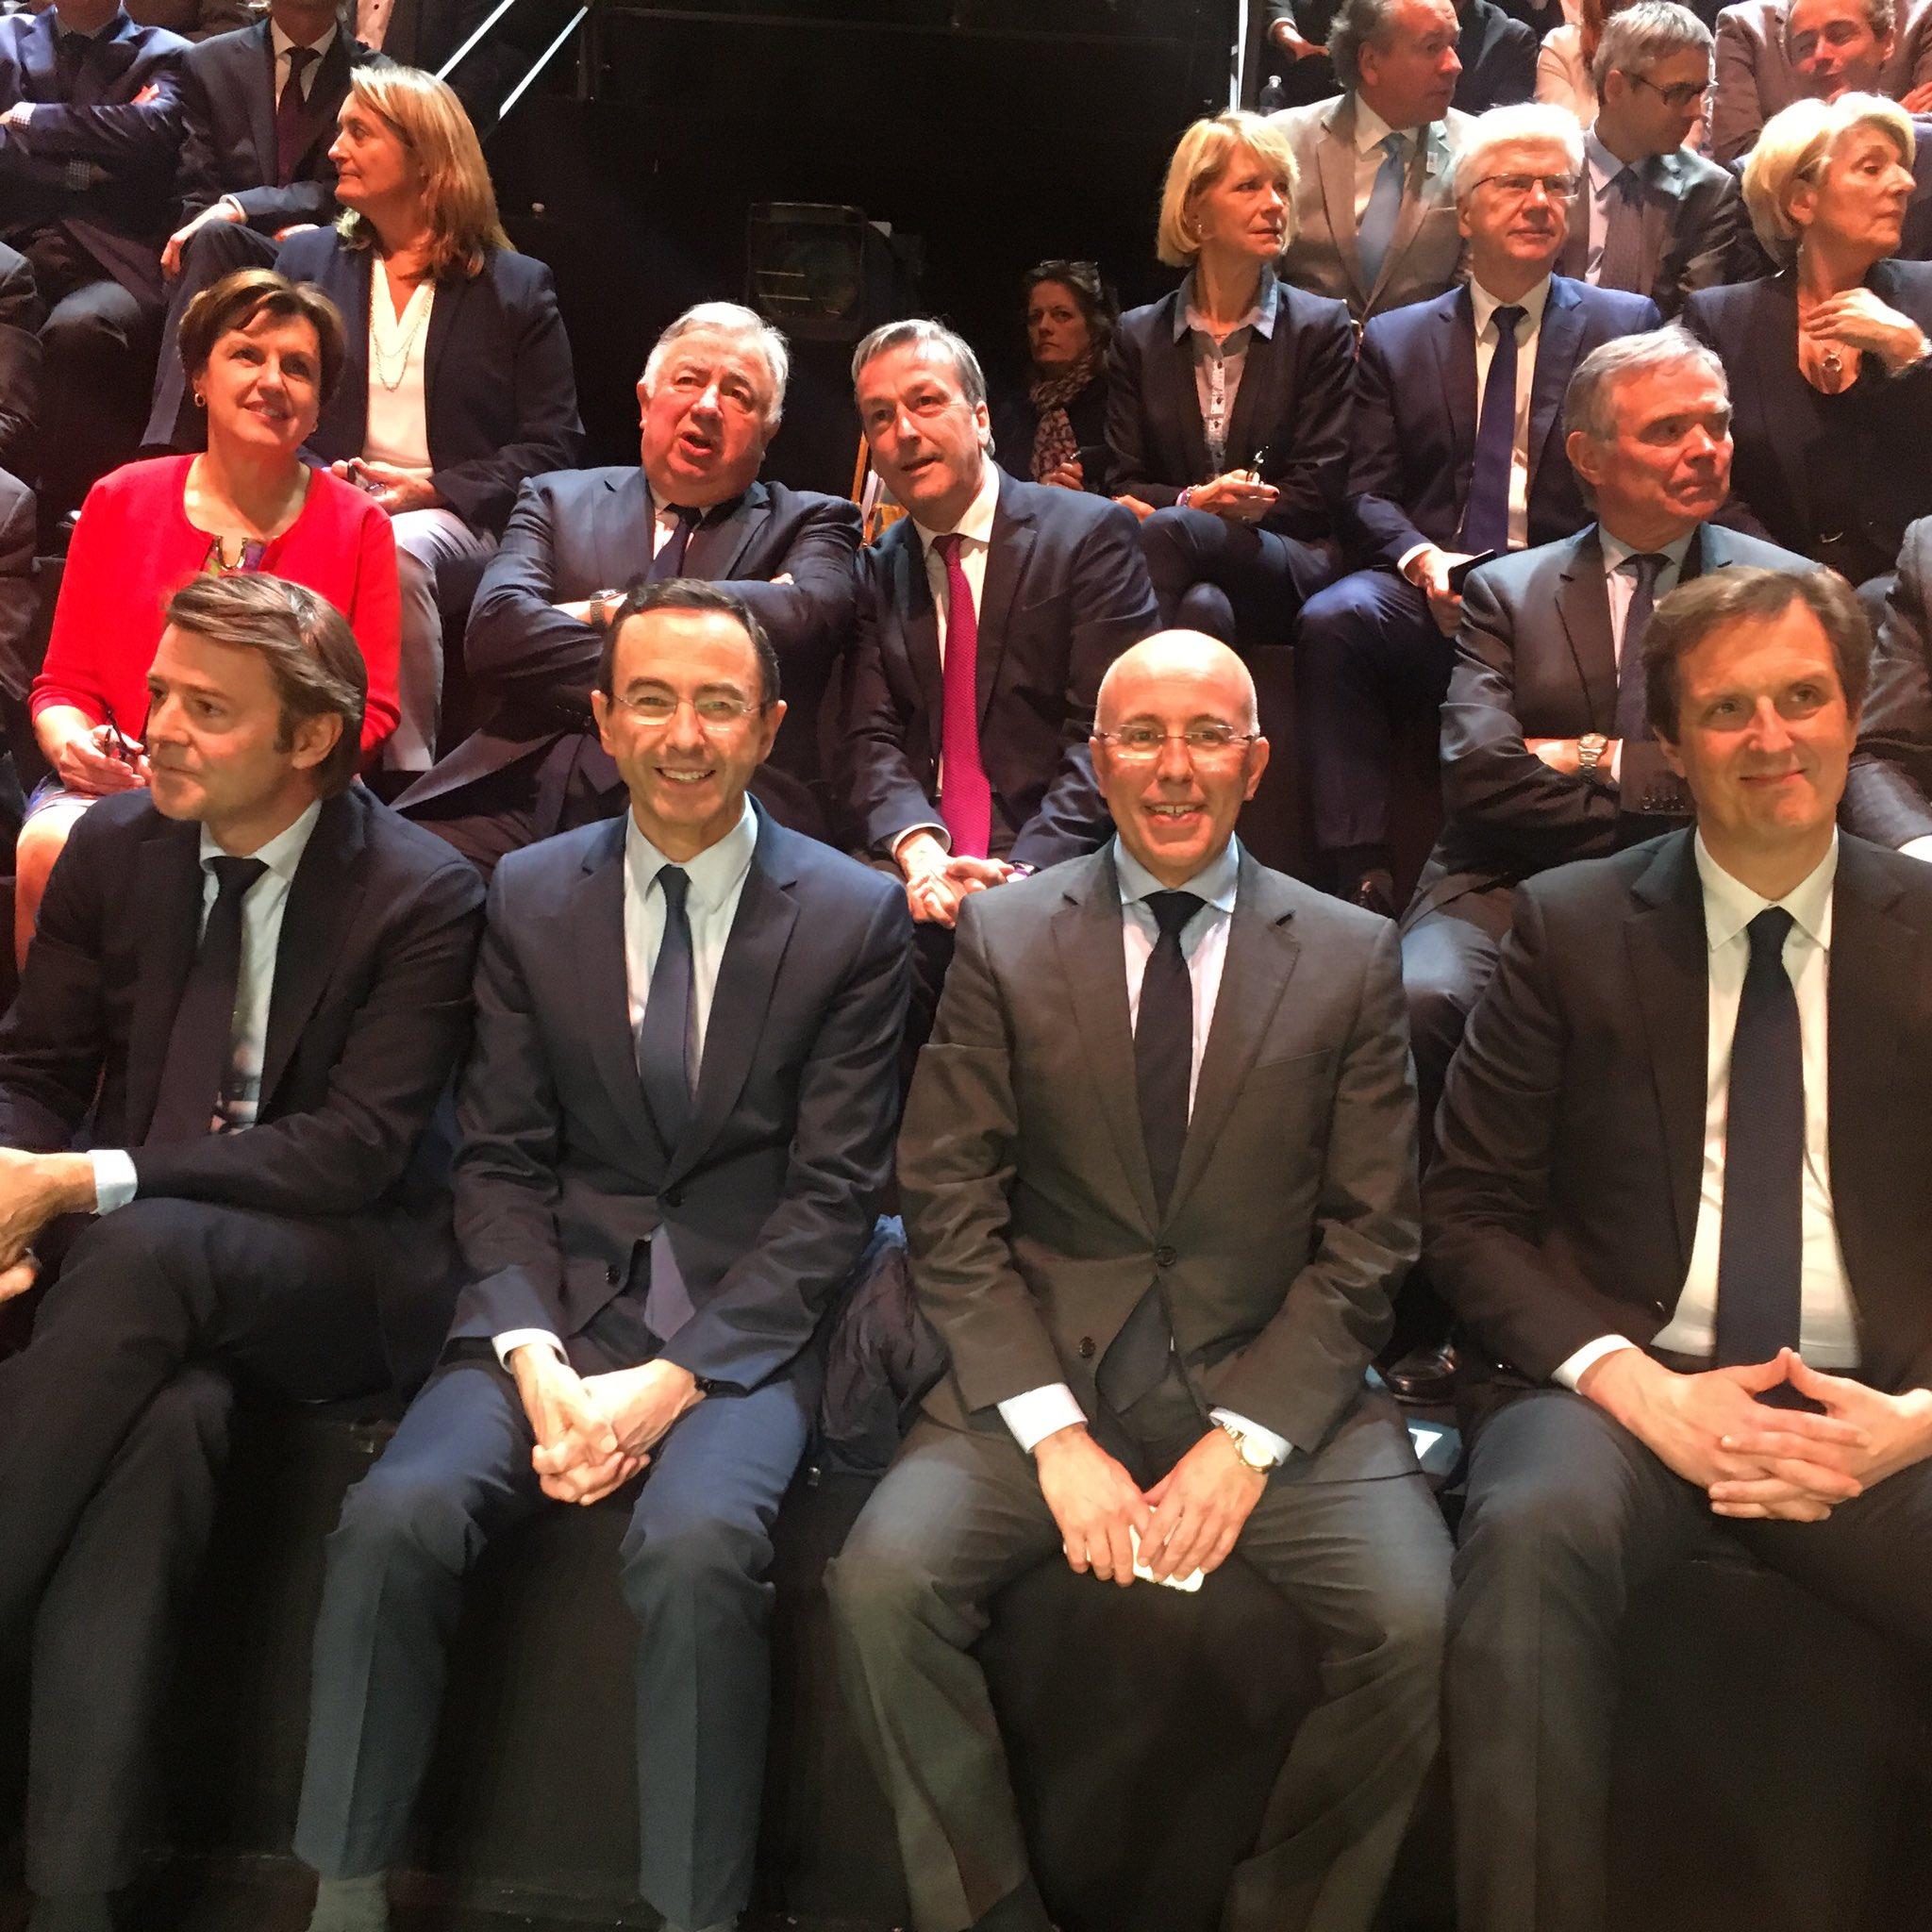 Sur le plateau de TF1 pour soutenir @FrancoisFillon . #LeGrandDebat #FillonPresident https://t.co/USRbcs0KUx